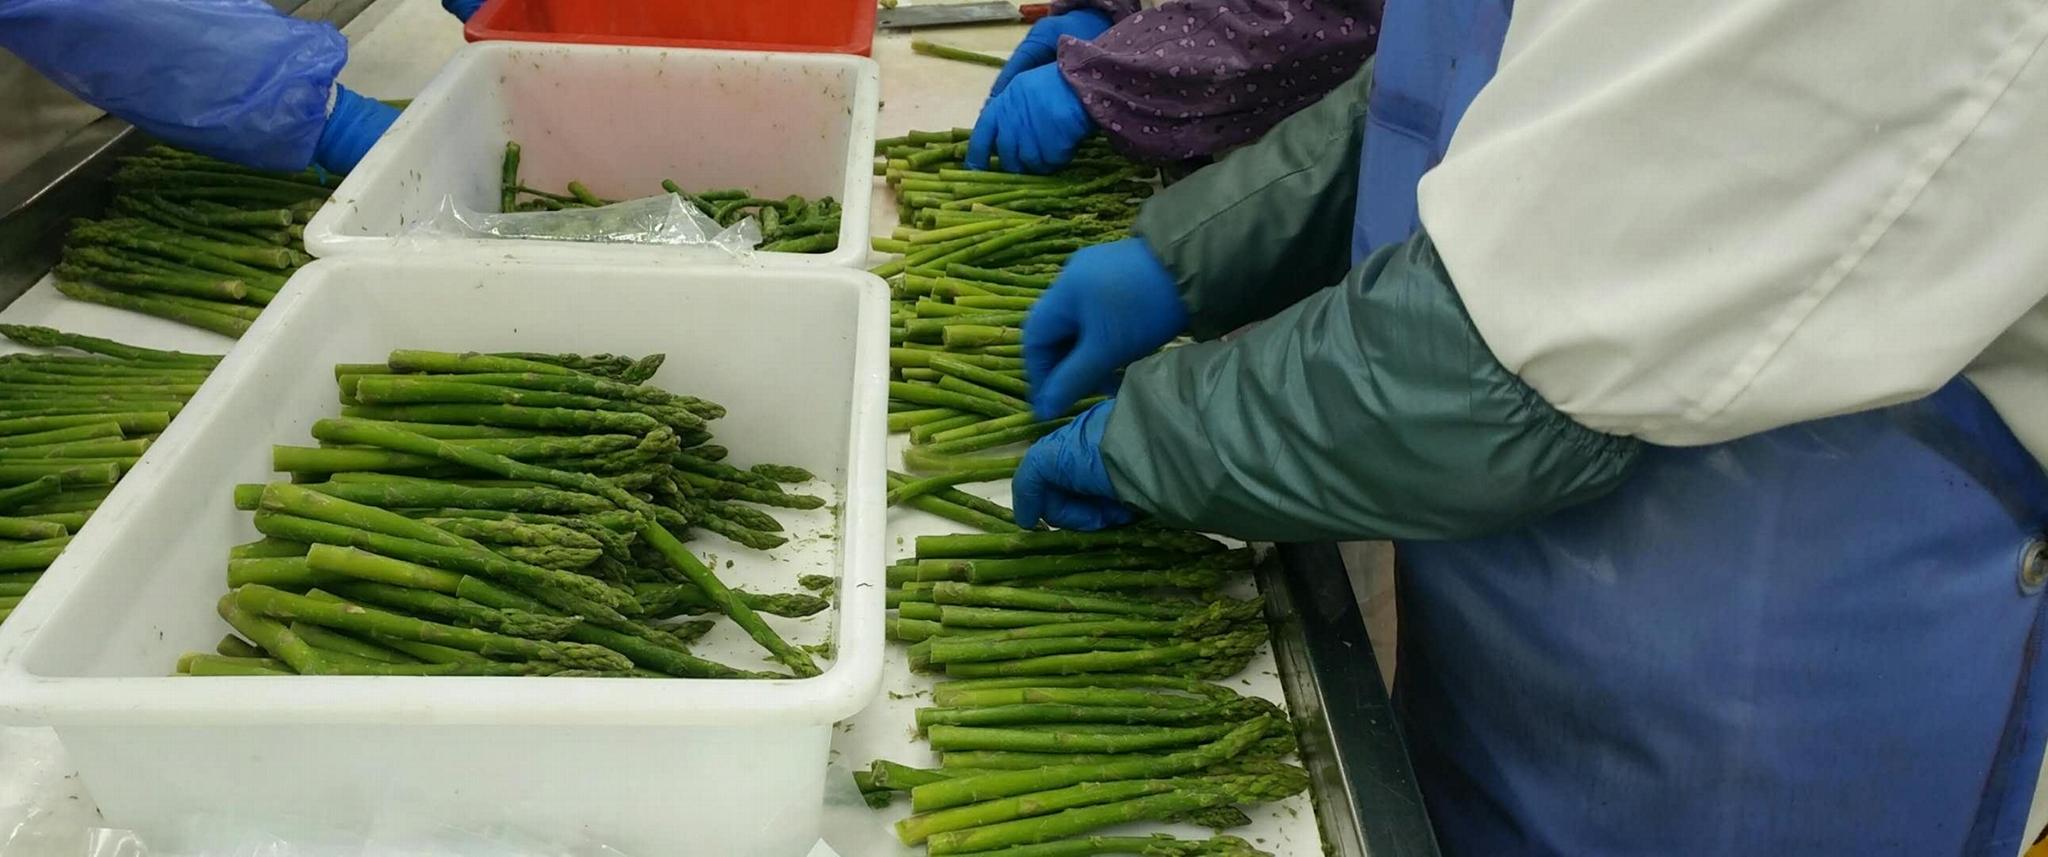 冷凍綠蘆筍,速凍綠蘆筍,冷凍蘆筍,速凍蘆筍, 10